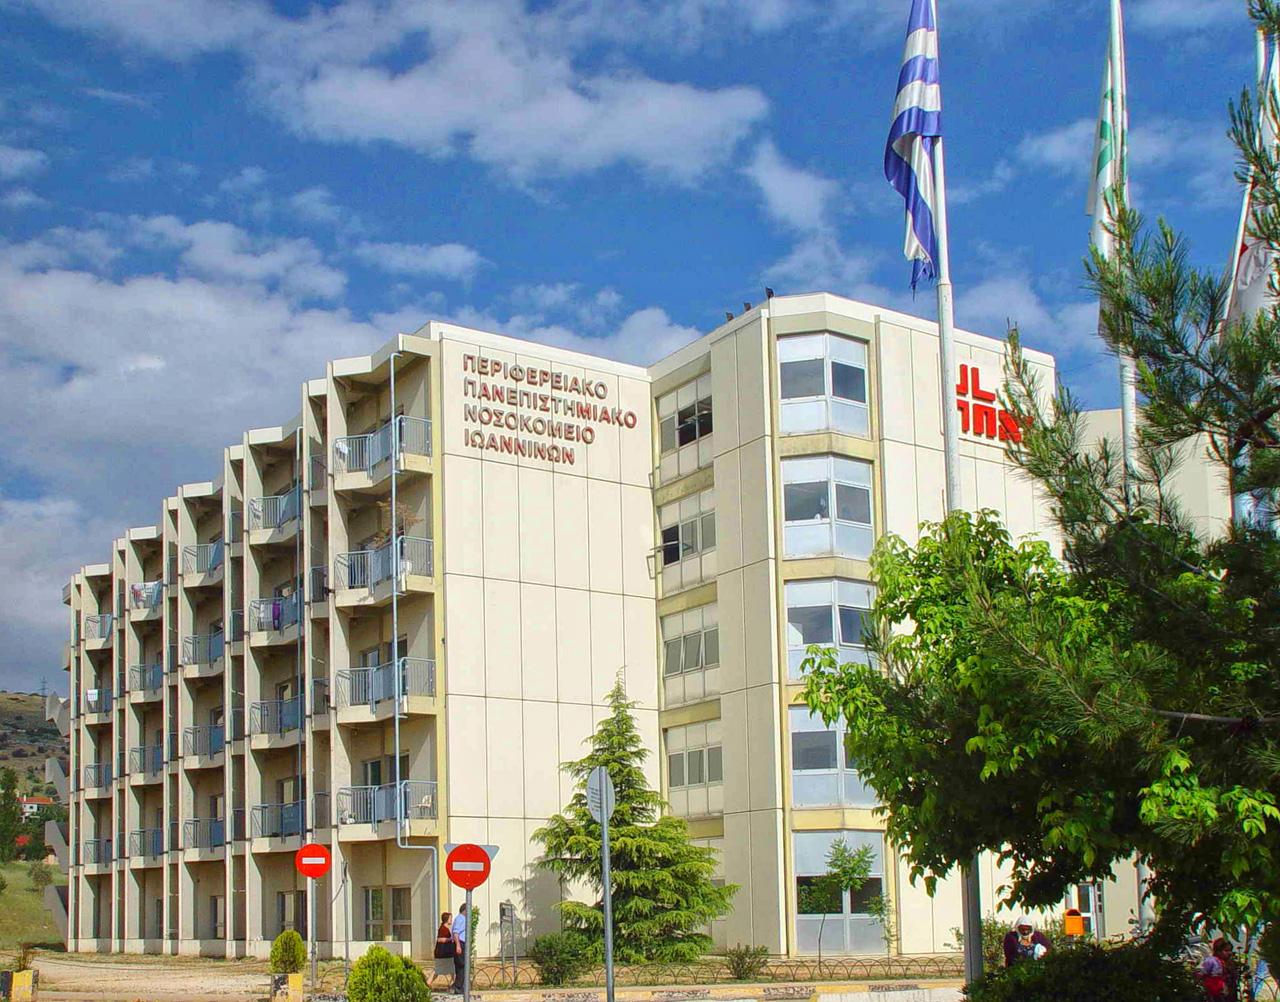 Πανεπιστημιακό Νοσοκομείο: Απέκτησε λαπαροσκοπικό ενδοσκοπικό σύστημα 4Κ